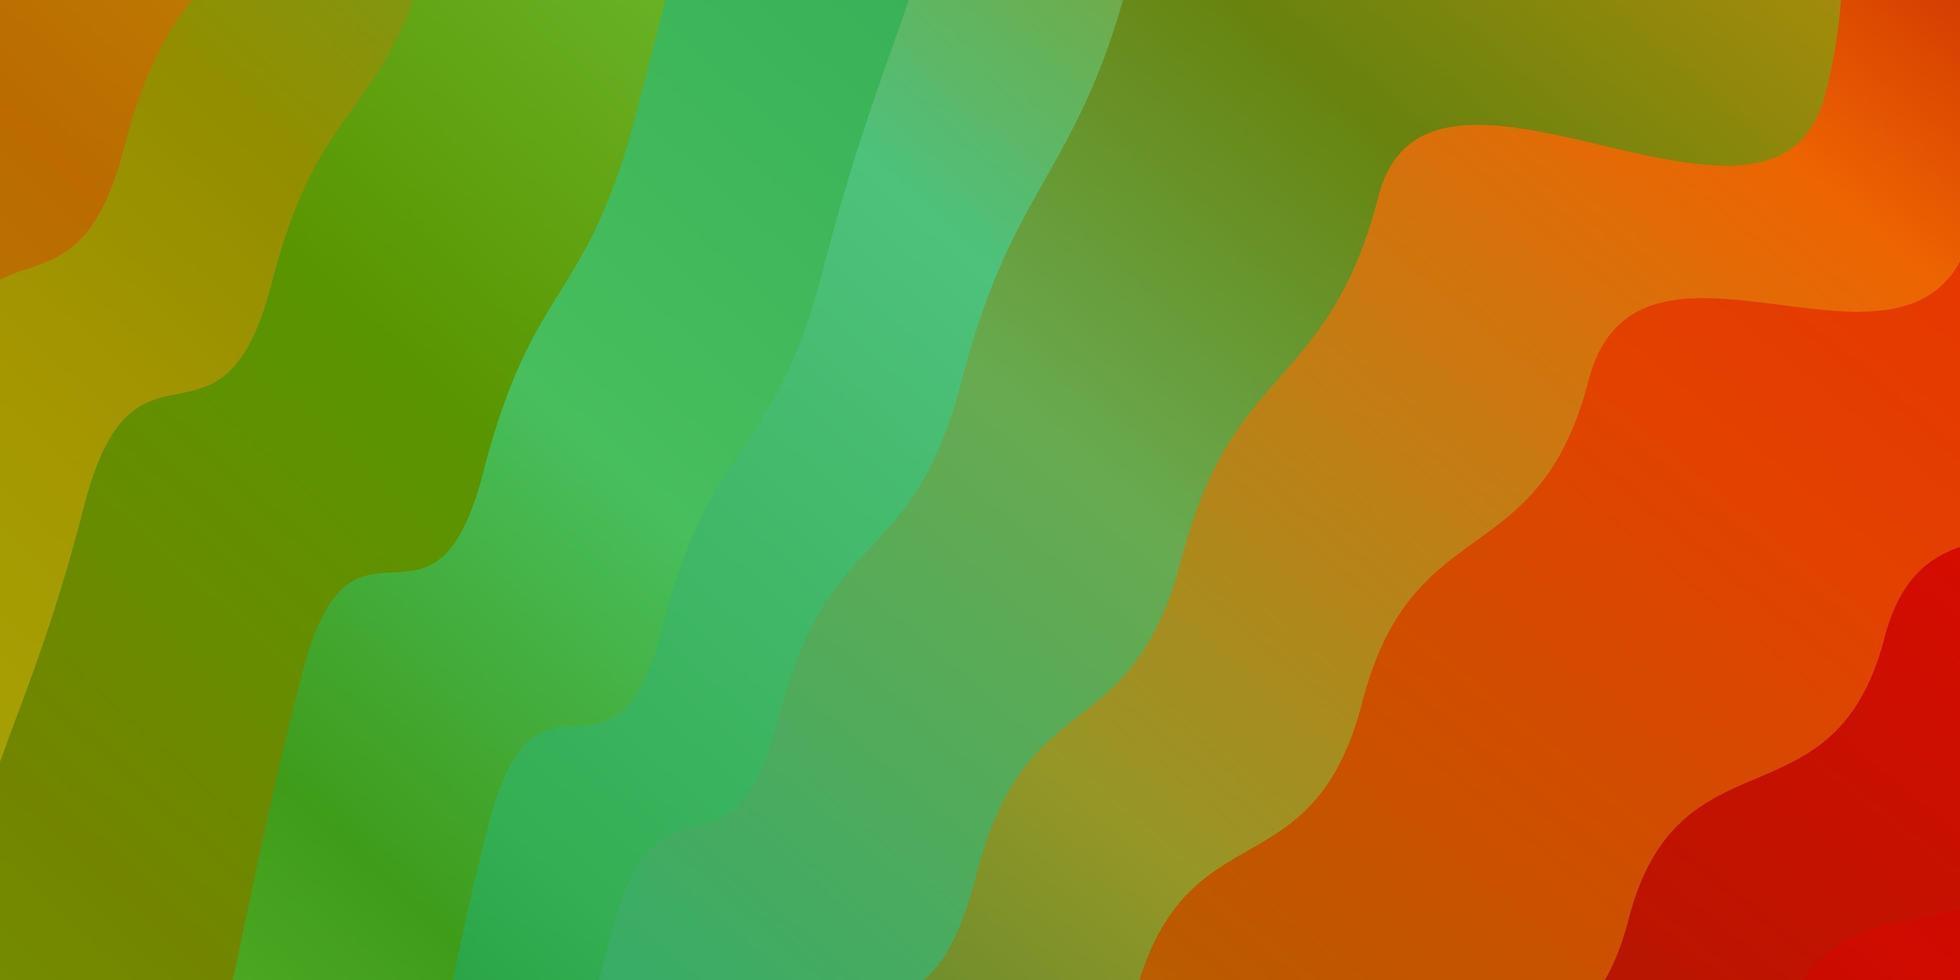 sfondo vettoriale multicolore chiaro con linee ironiche.